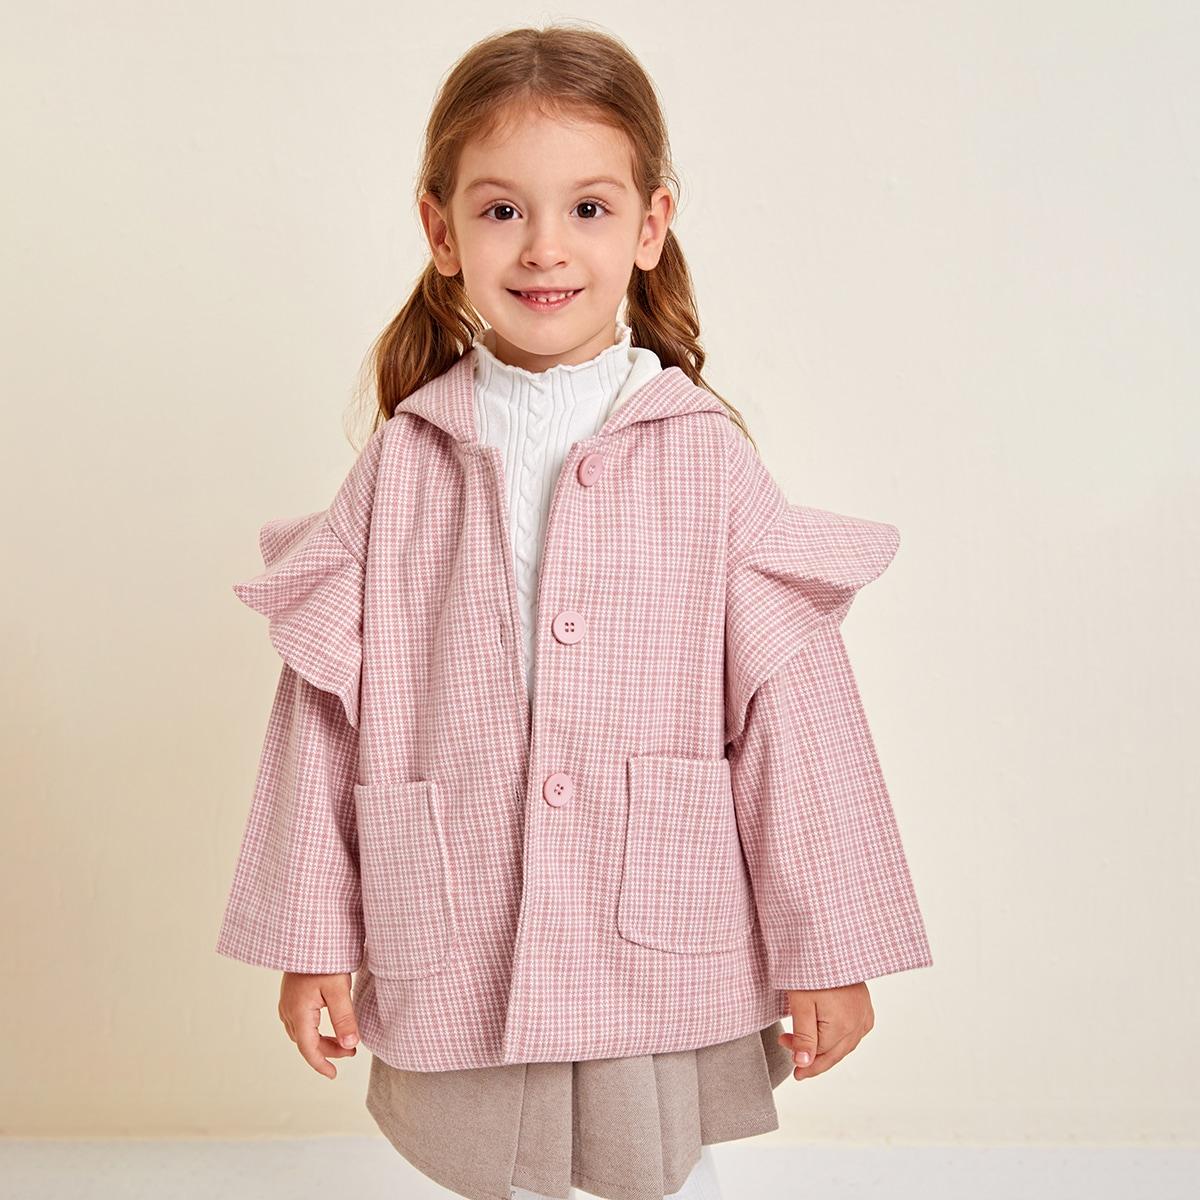 С карманами клетчатый институтский пальто для маленьких девочек